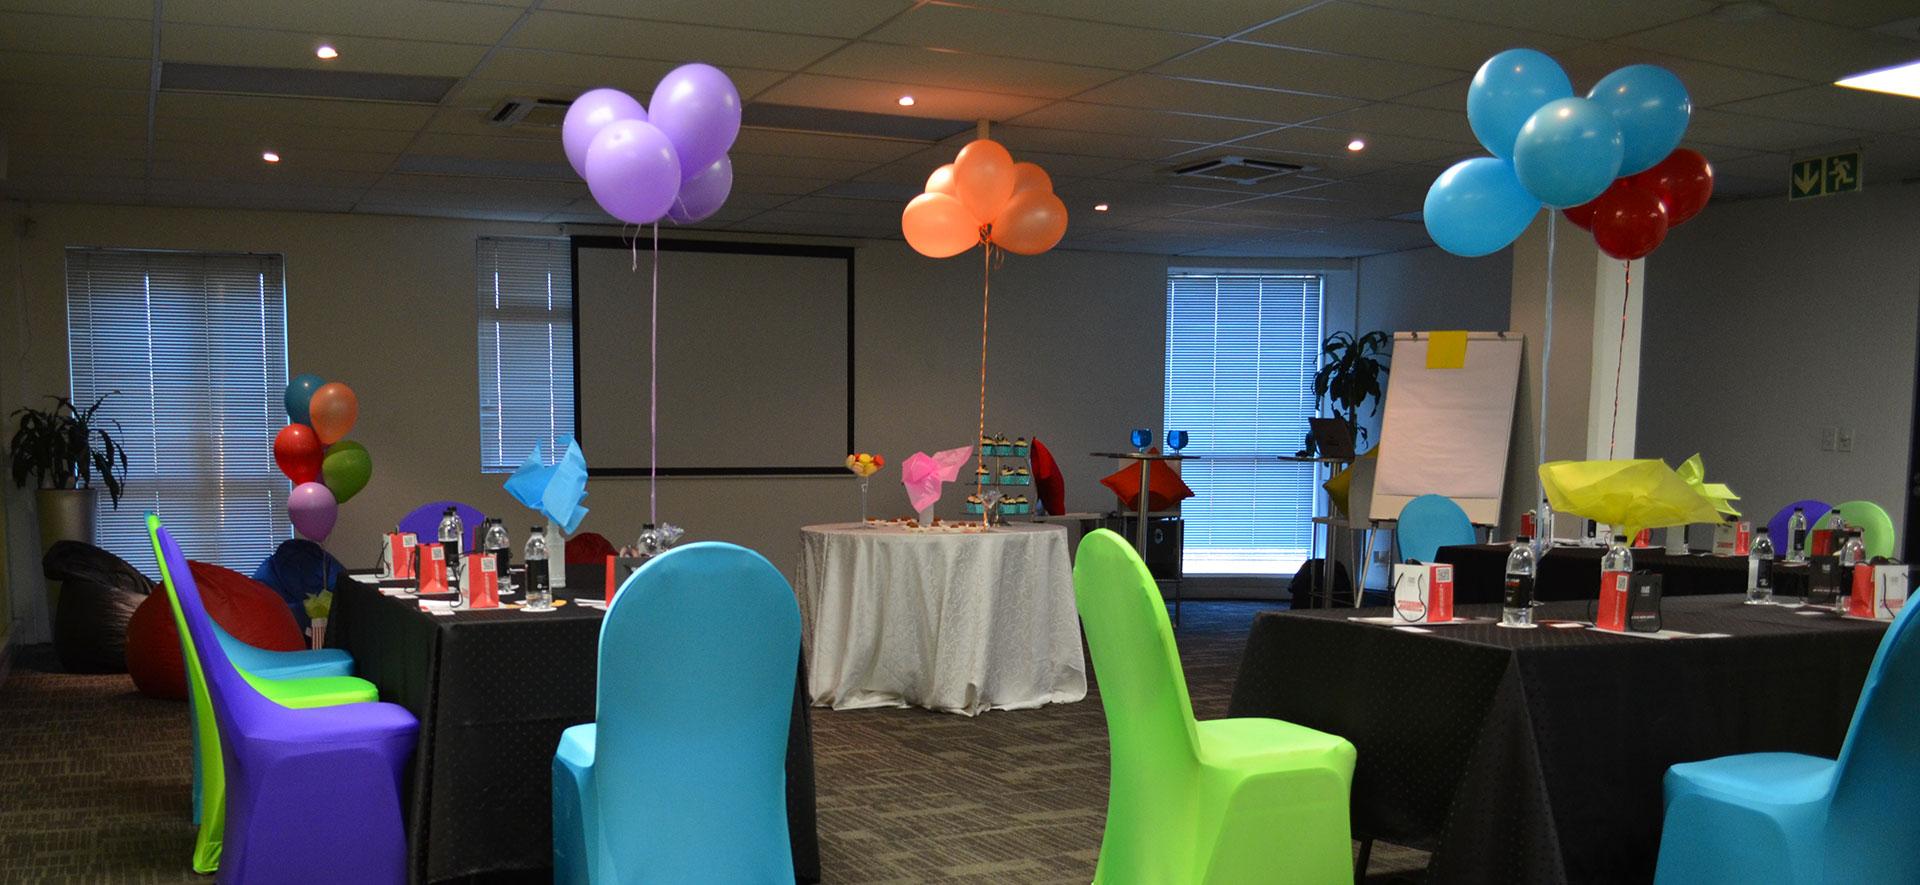 Neptune Room - Fun Breakfast Meetings & Cocktail Events   Focus Rooms